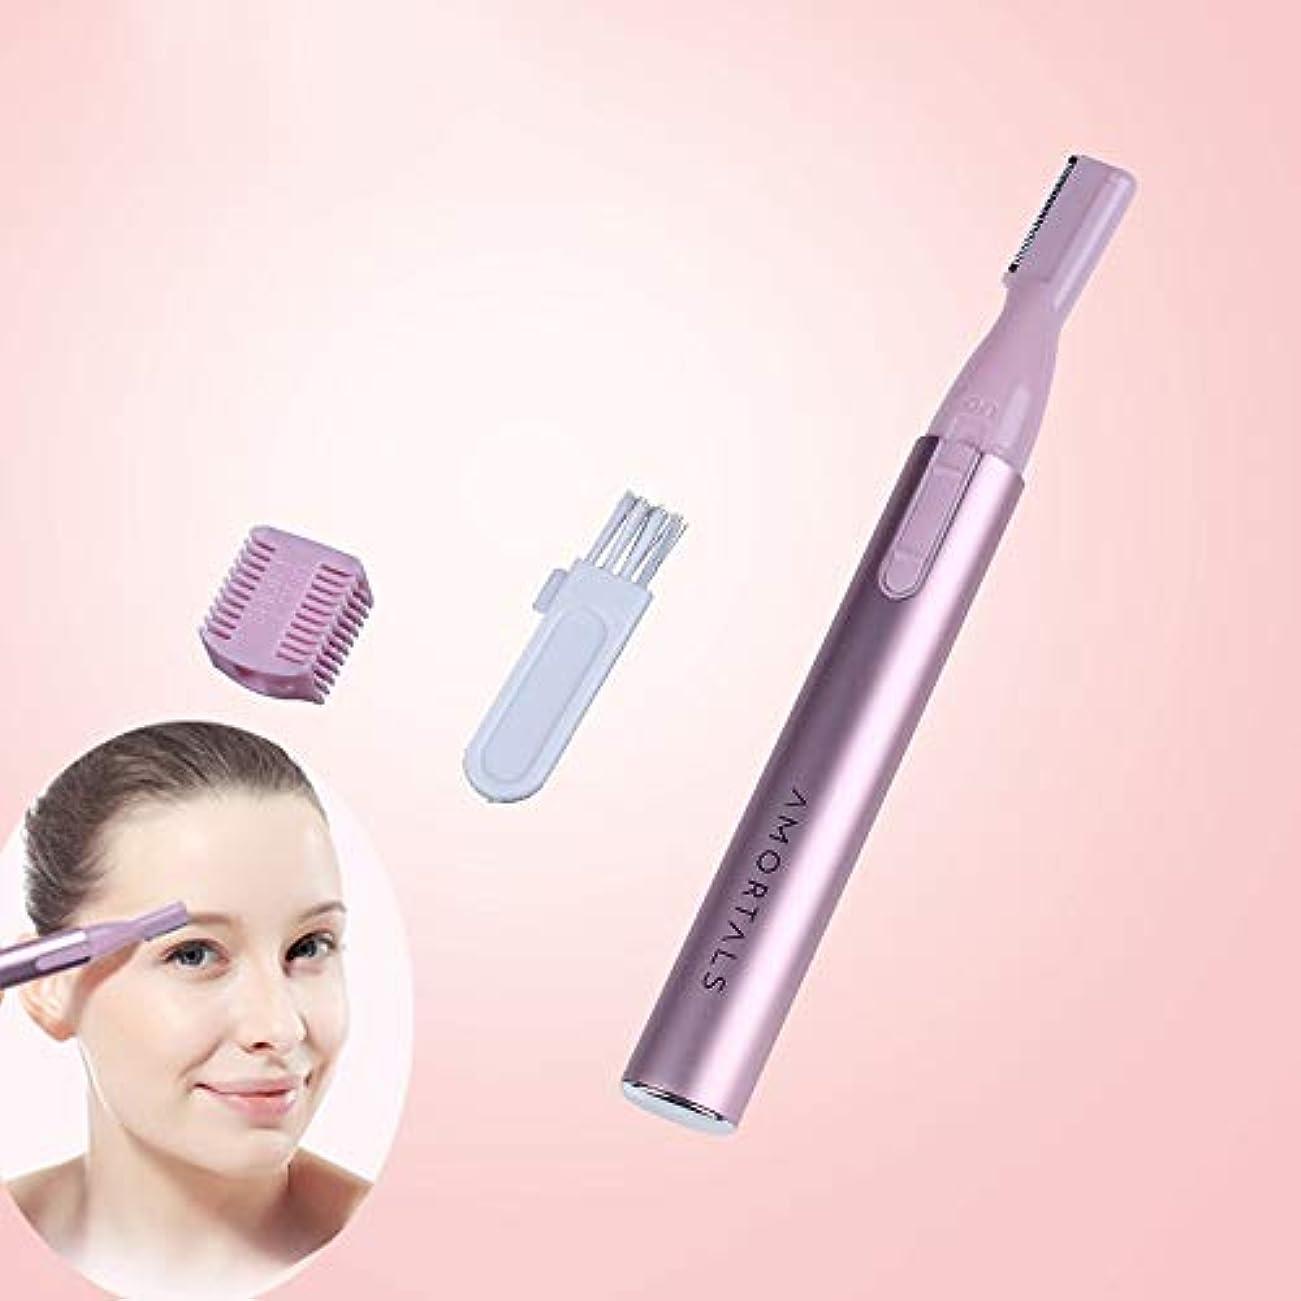 シャックルラリー瞳脇の下/足/体/髪の女性の顔のトリマーのための携帯用電動眉毛トリマー、(電池式) (Color : Pink)